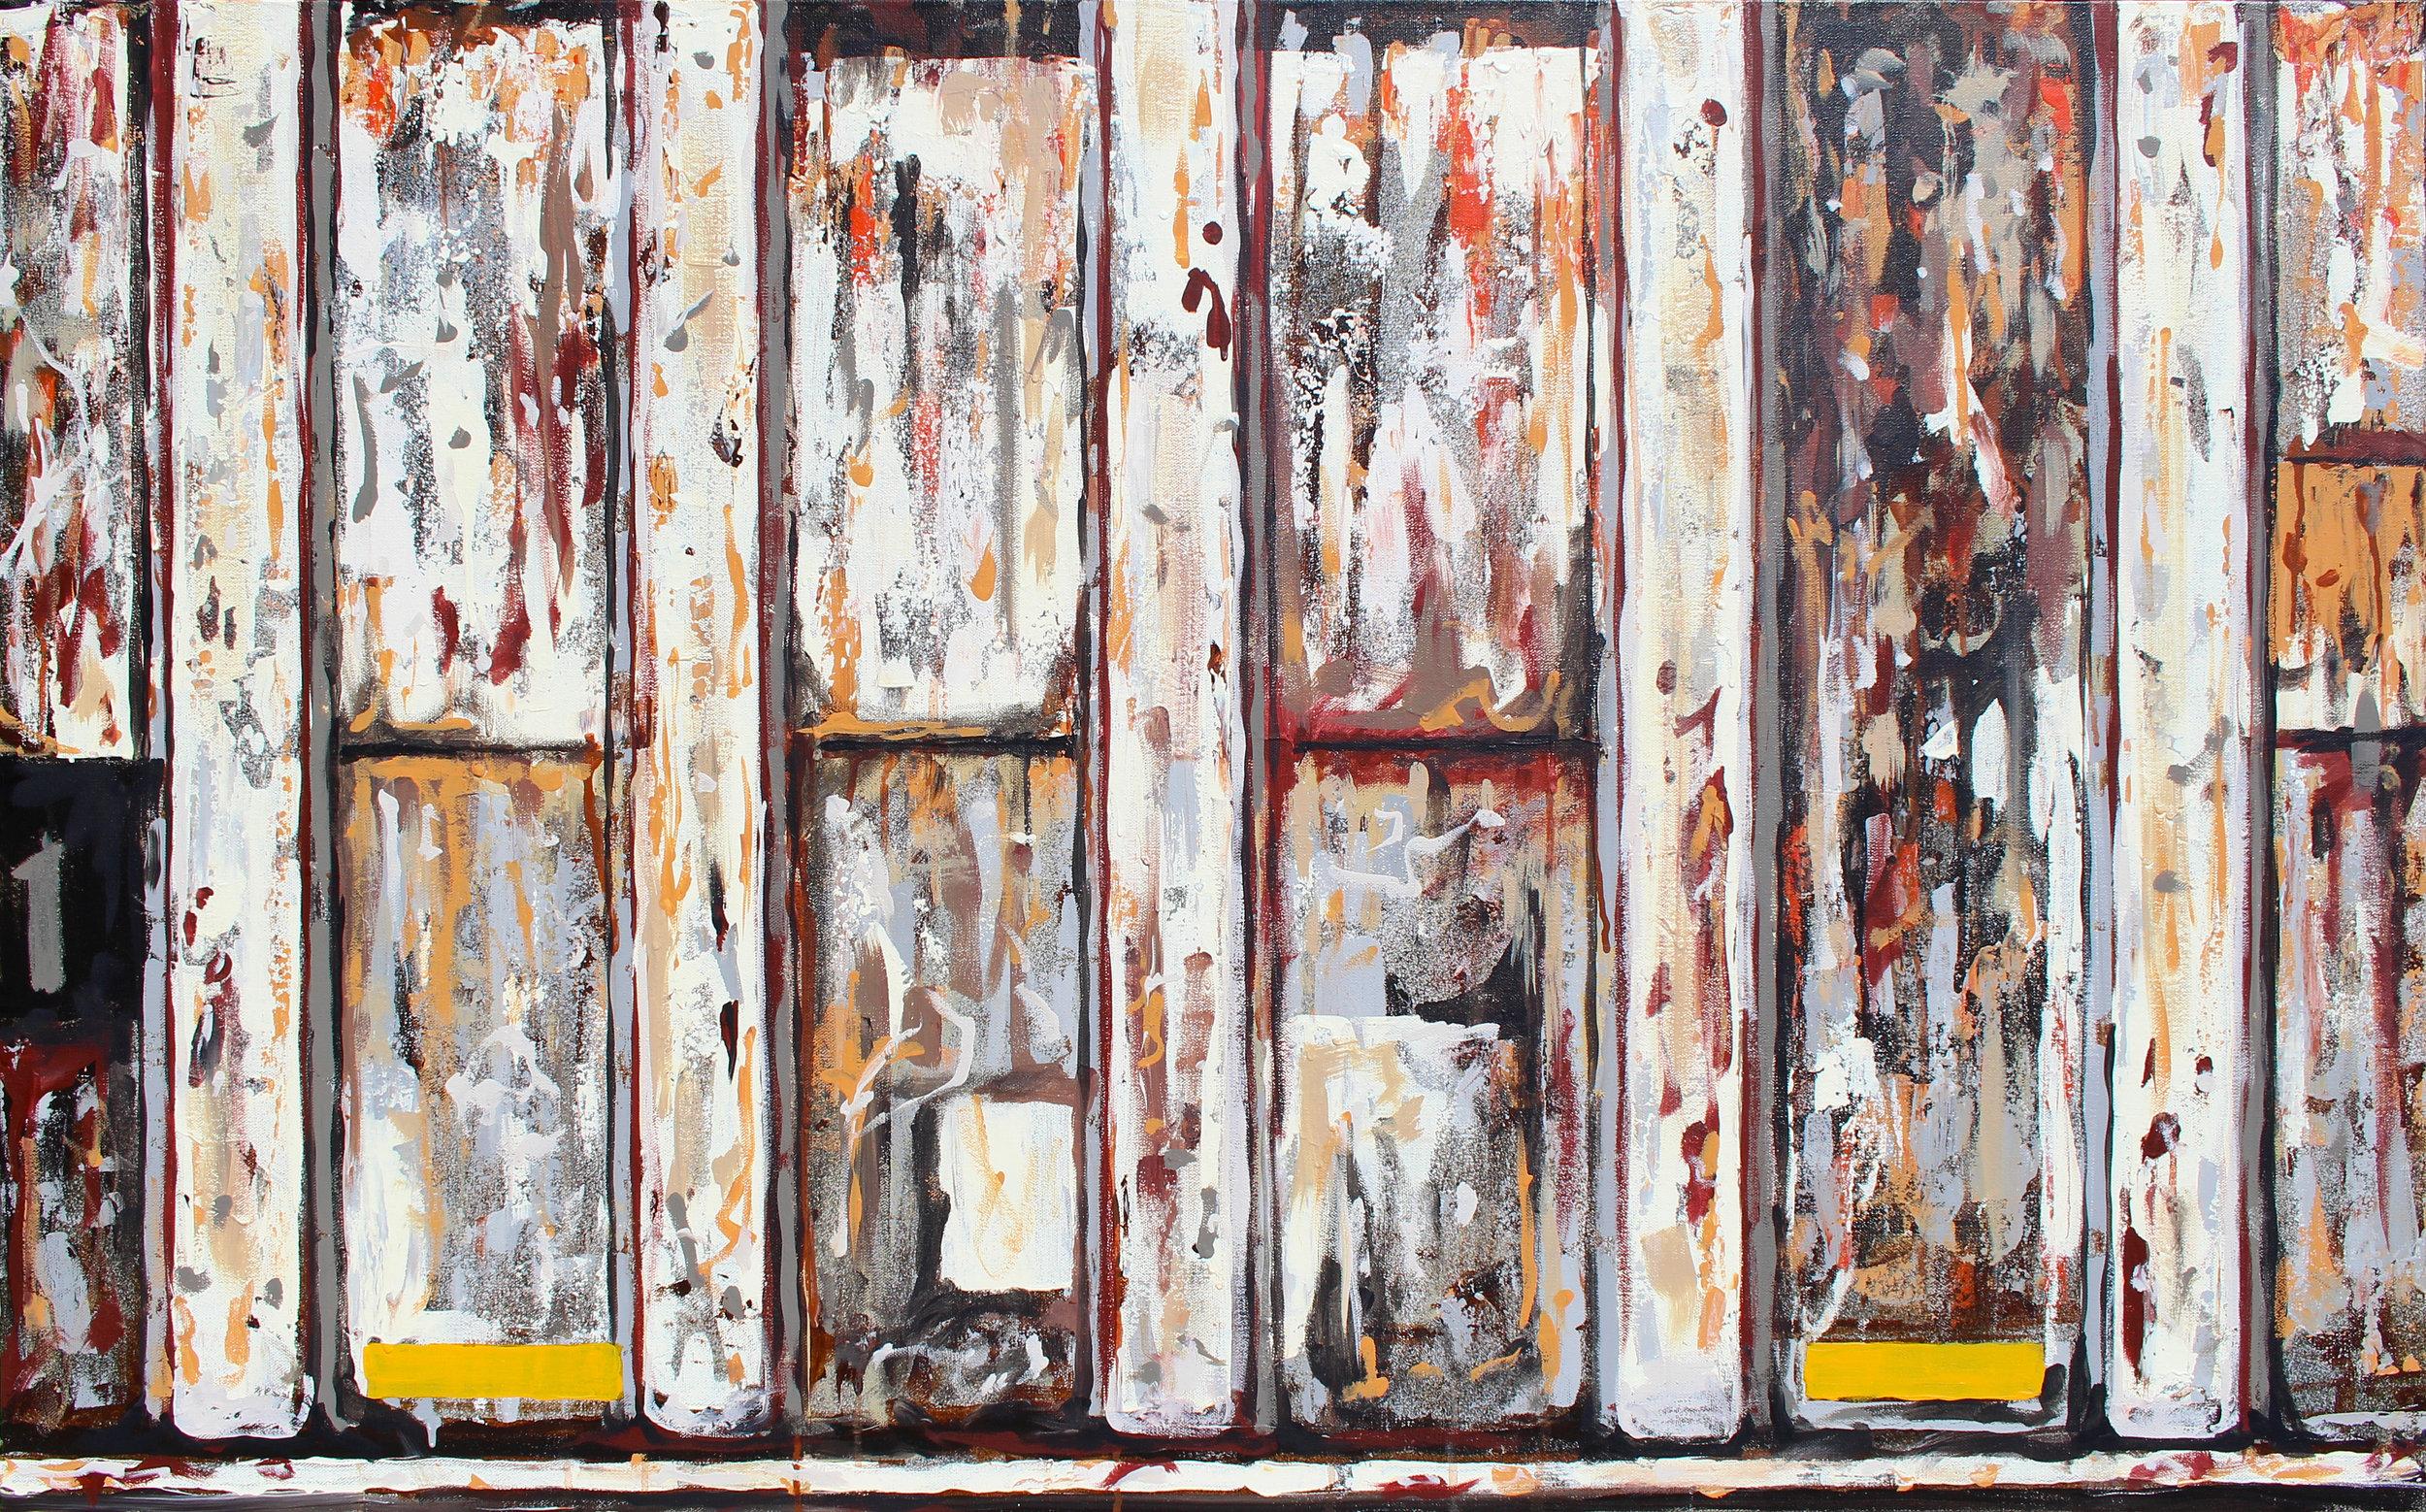 Hopper Study No. 1